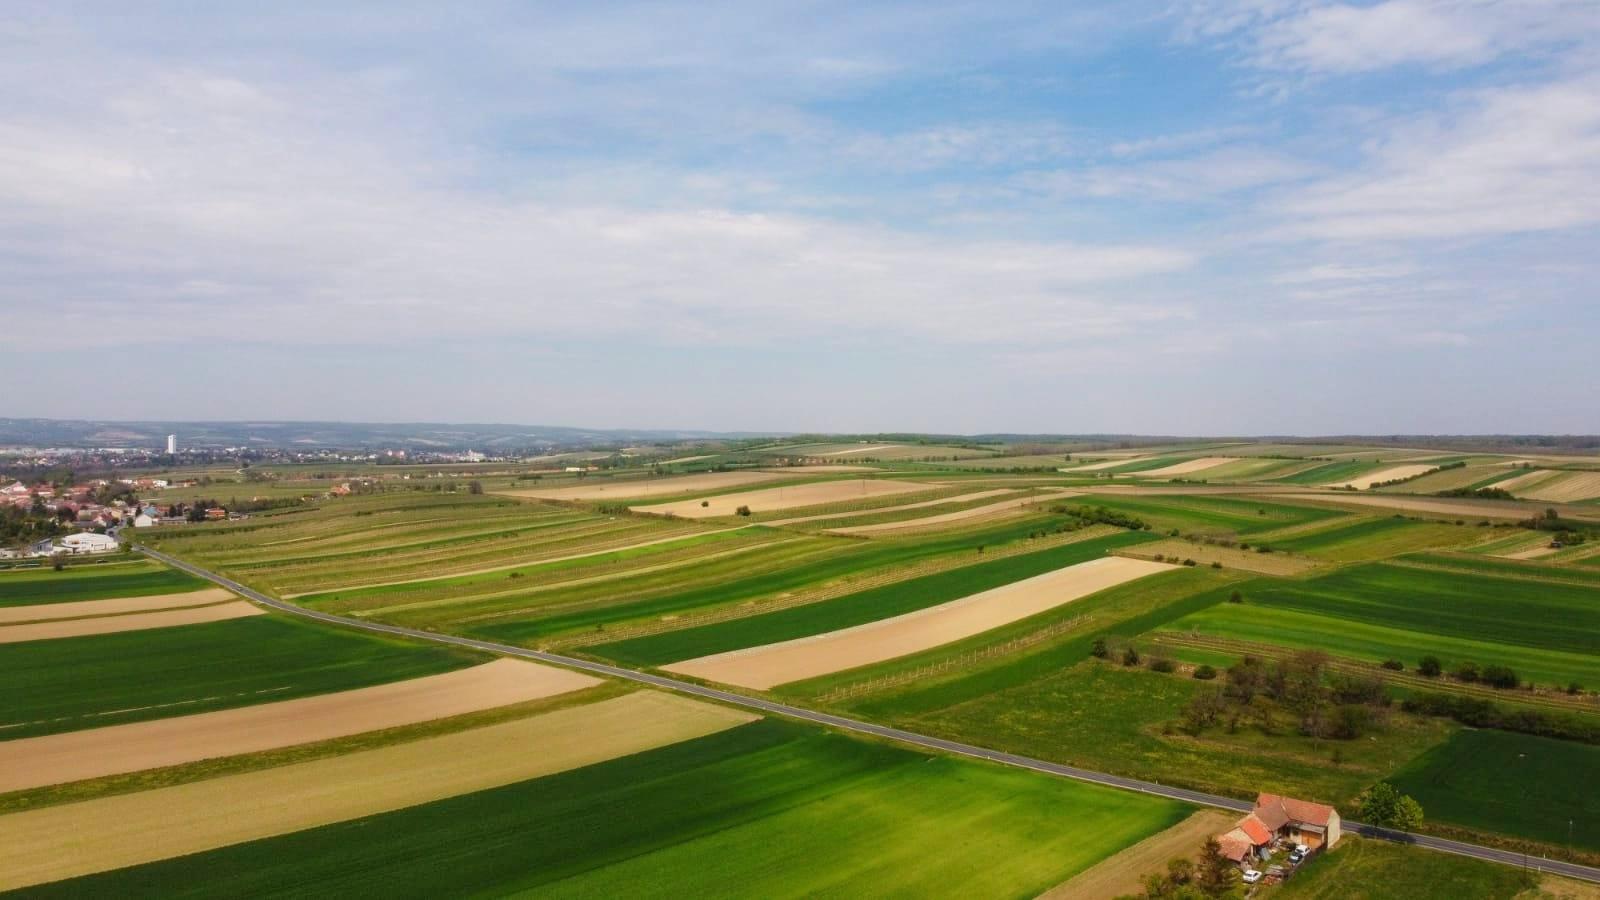 Pinnisch Benedikt Landwirtschaft